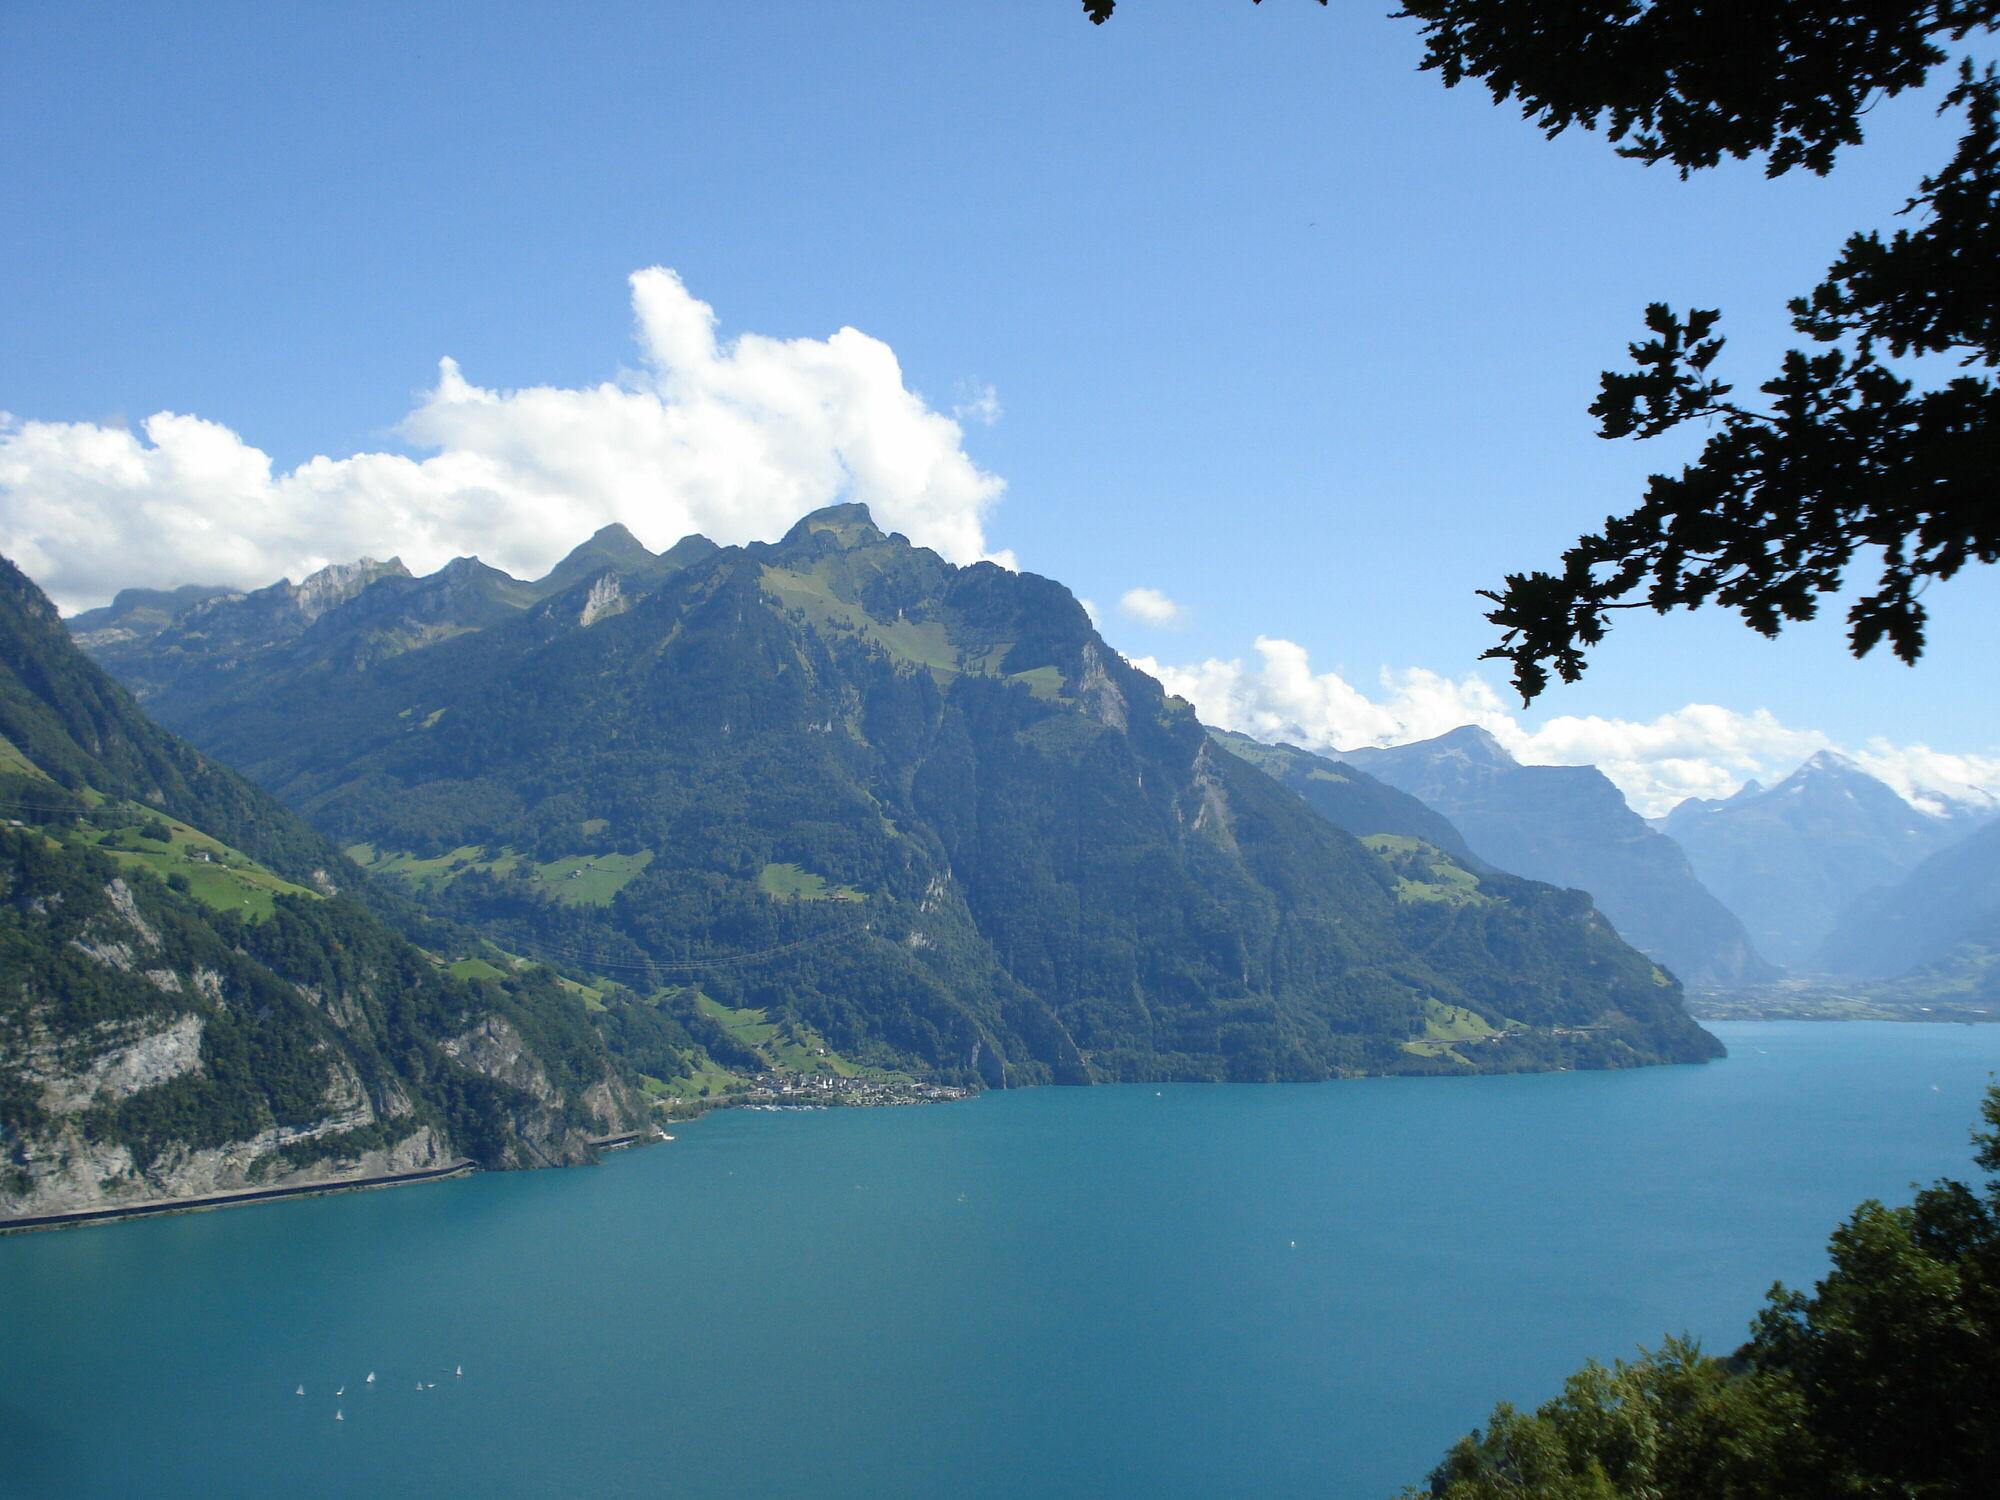 Bild mit Natur, Berge und Hügel, Berge, Himmel, Panorama, Landschaft, Schweiz